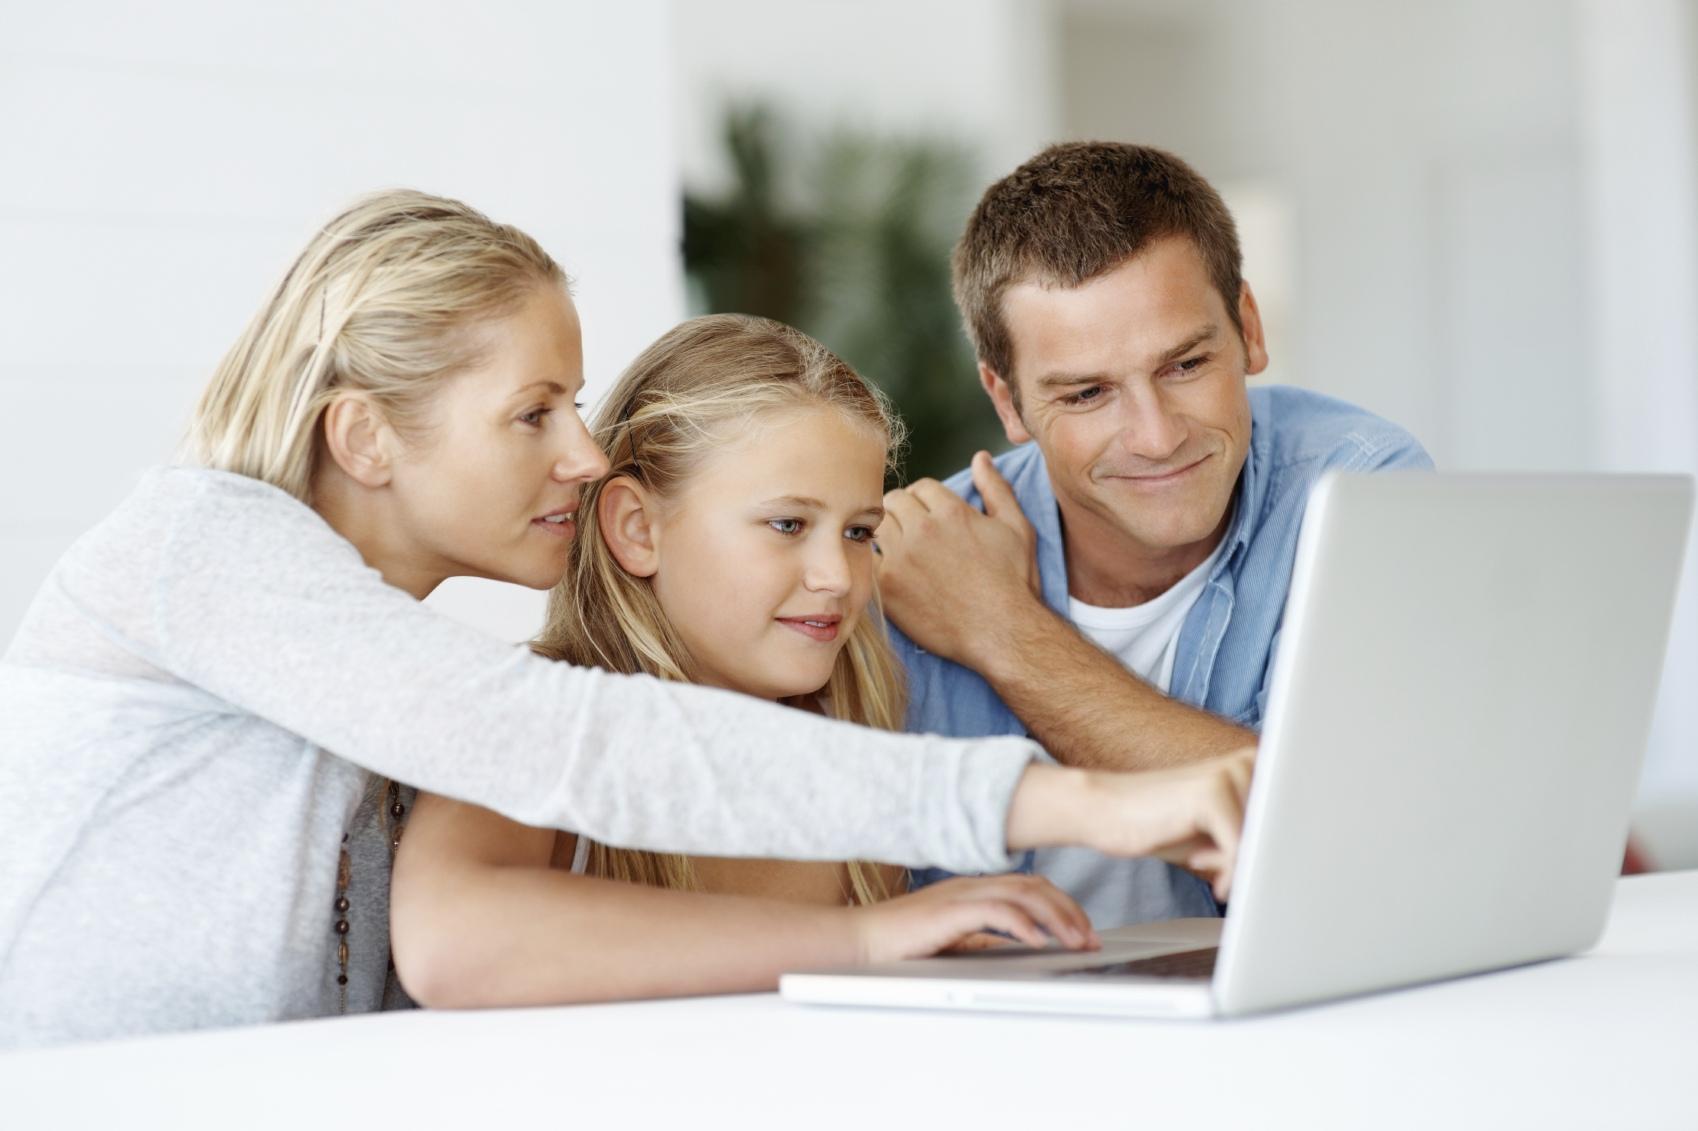 Подготовка к аттестации на семейном образовании. Начальная школа онлайн. Семейное образование. http://housenn.ru/kurs